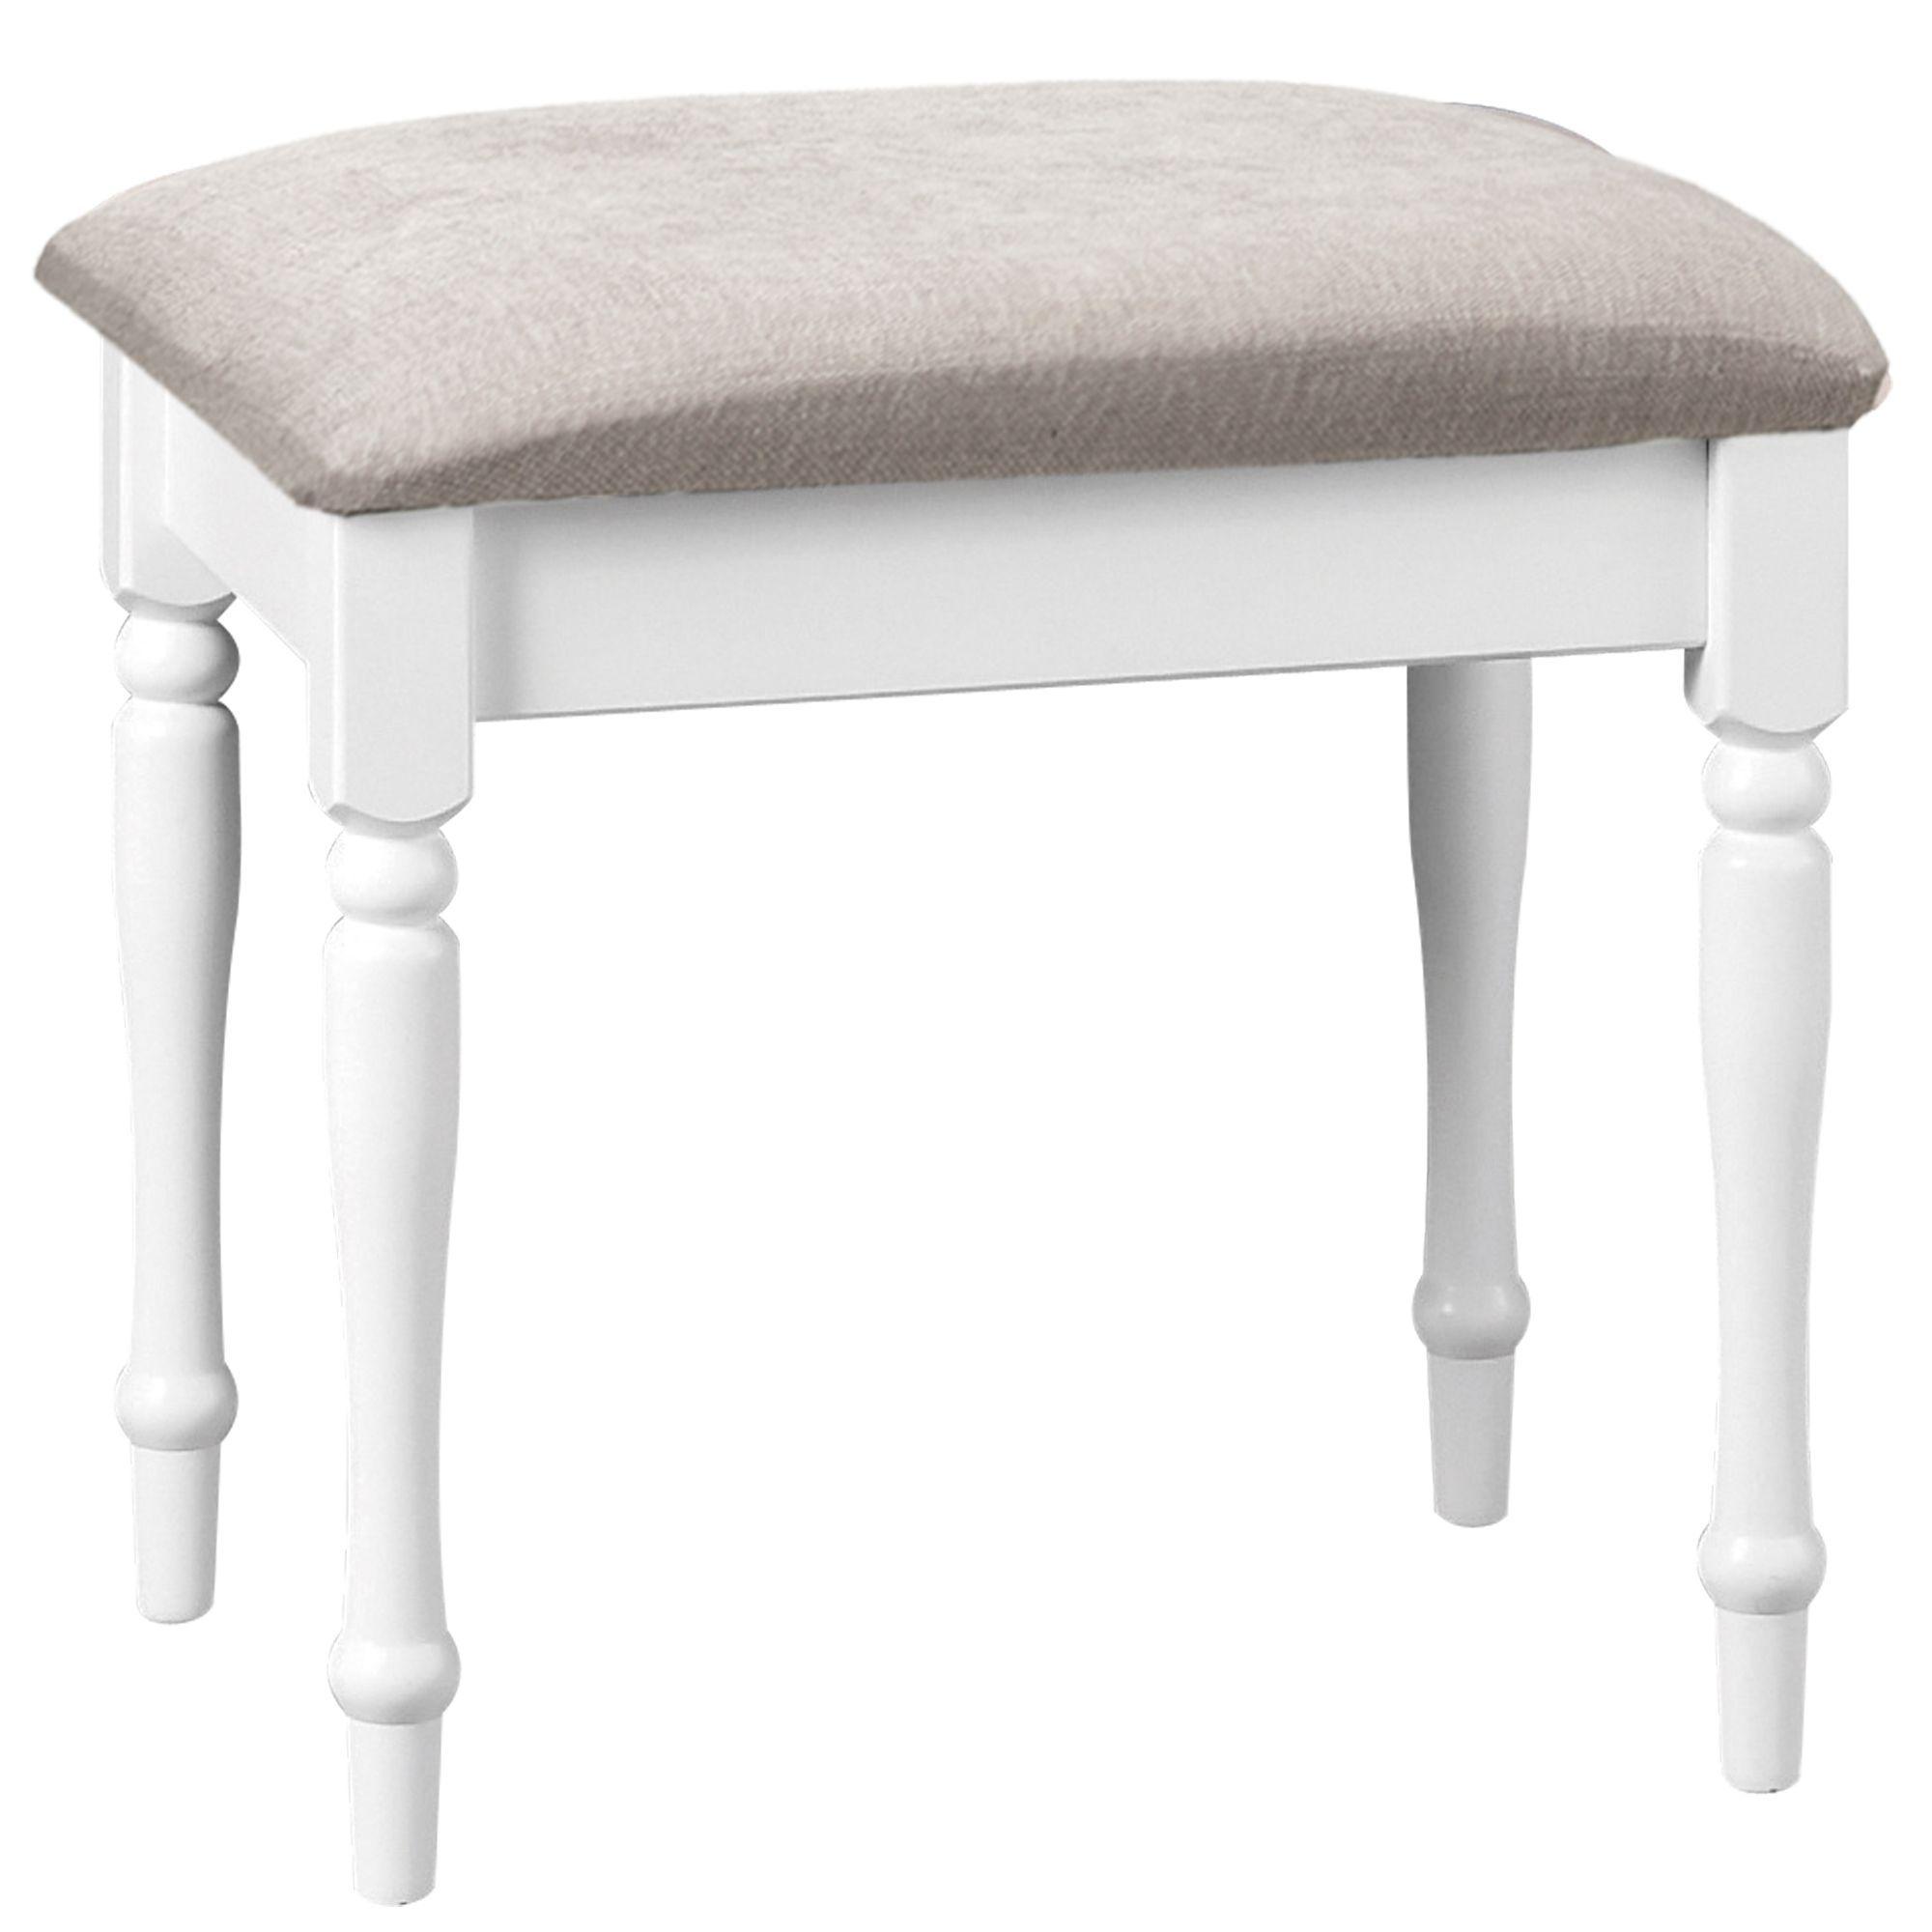 Kohls Bar Stools Crosley Furniture Upholstered Saddle Seat